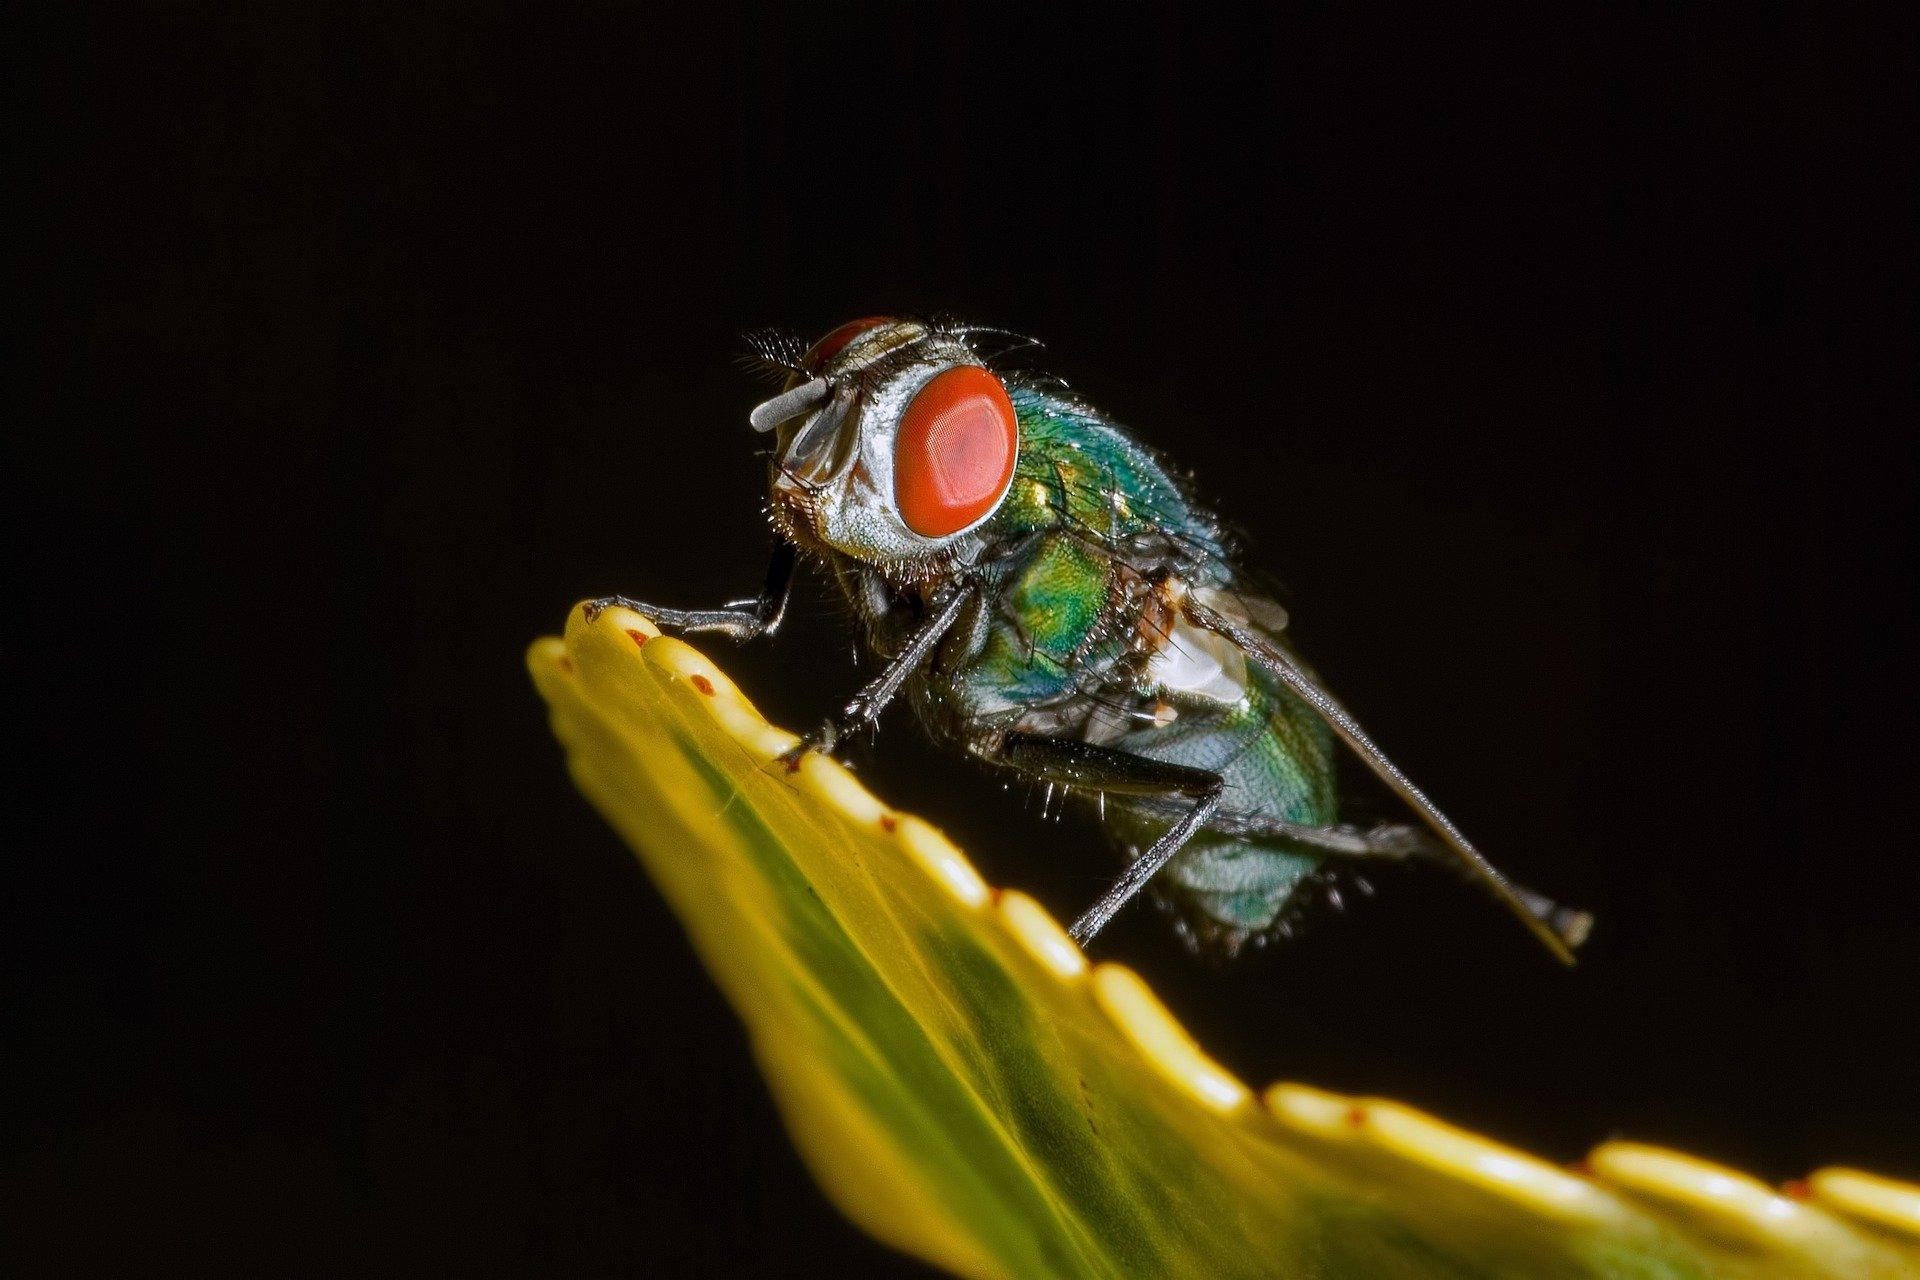 Un fait étrange à Allou Kagne : des mouches jetées par un hélico, Clédor Sène alerte (vidéo)